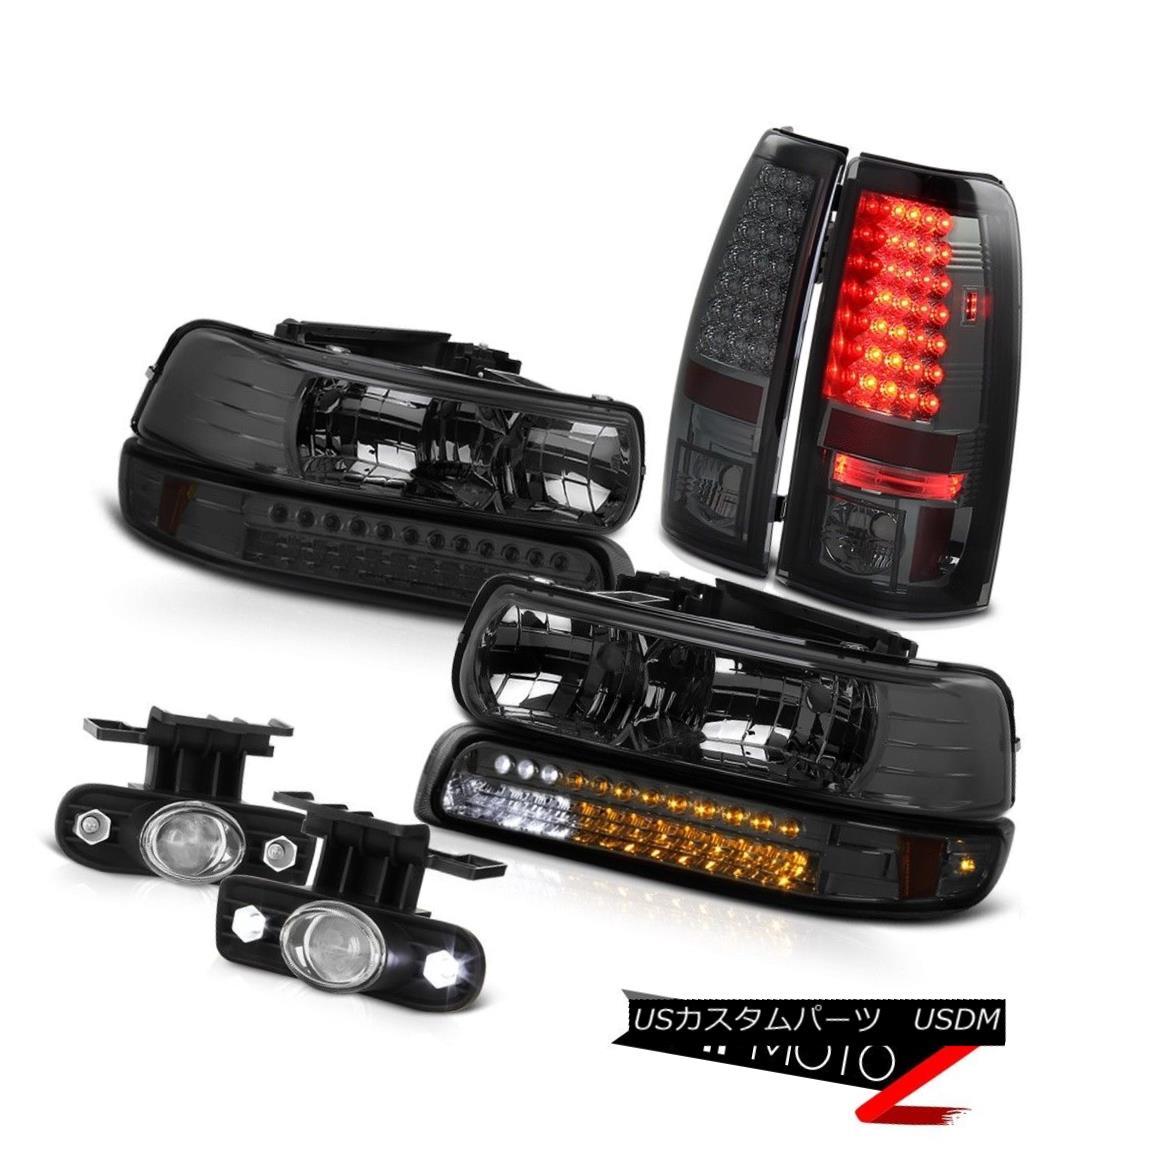 テールライト 99-02 Chevrolet Silverado 1500 Headlight LED Bumper Tail Light Projector Foglamp 99-02シボレーシルバラード1500ヘッドライトLEDバンパーテールライトプロジェクターフォグライト